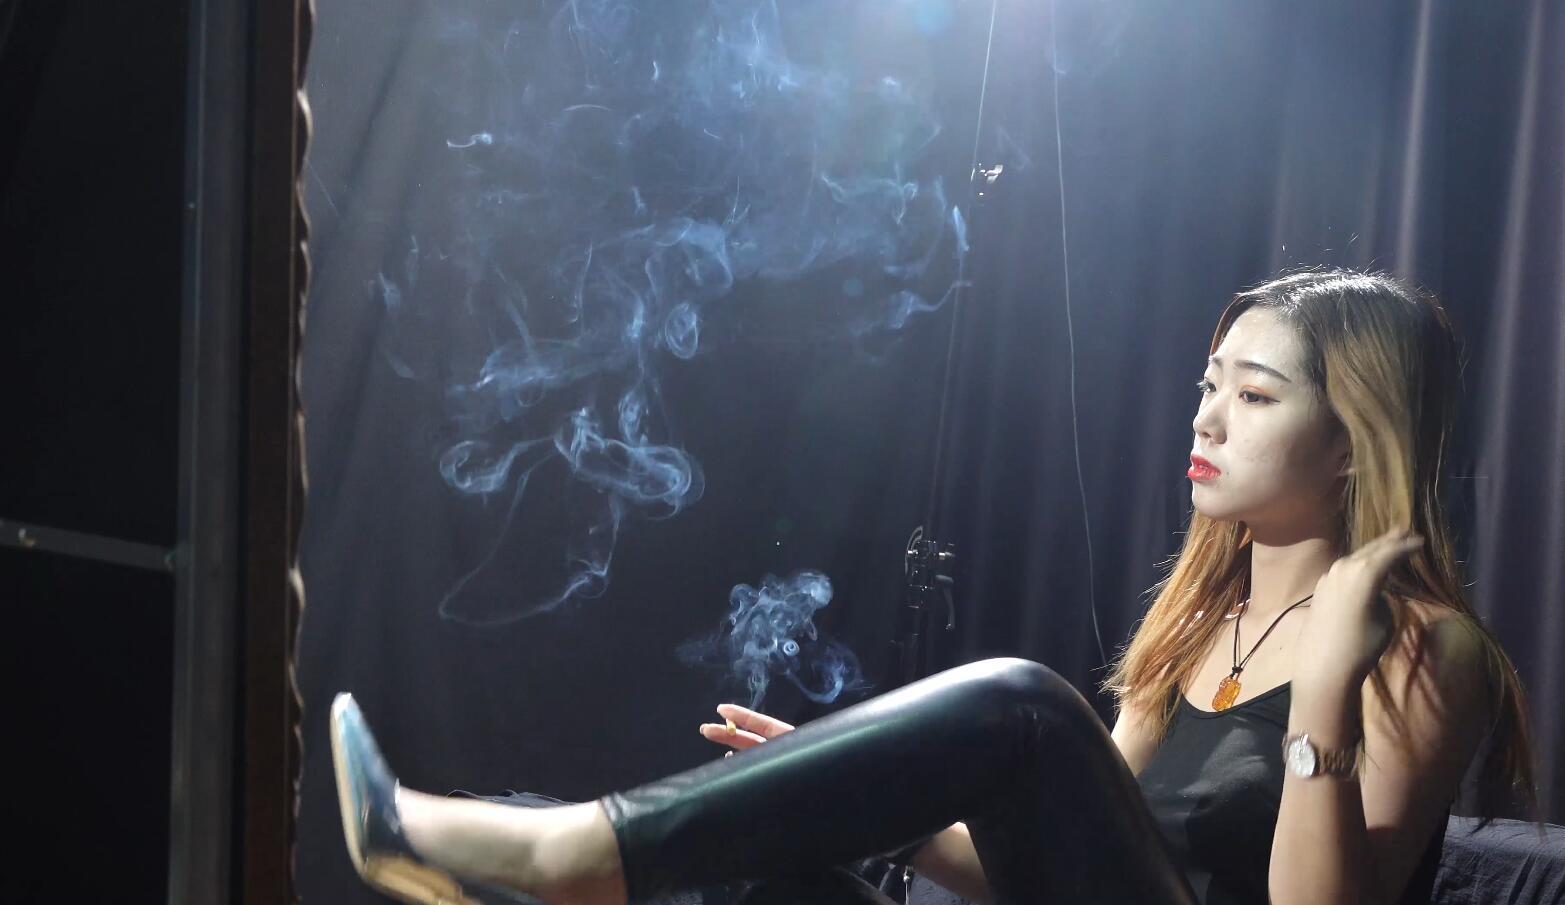 黑皮裤小姐姐化妆吸烟